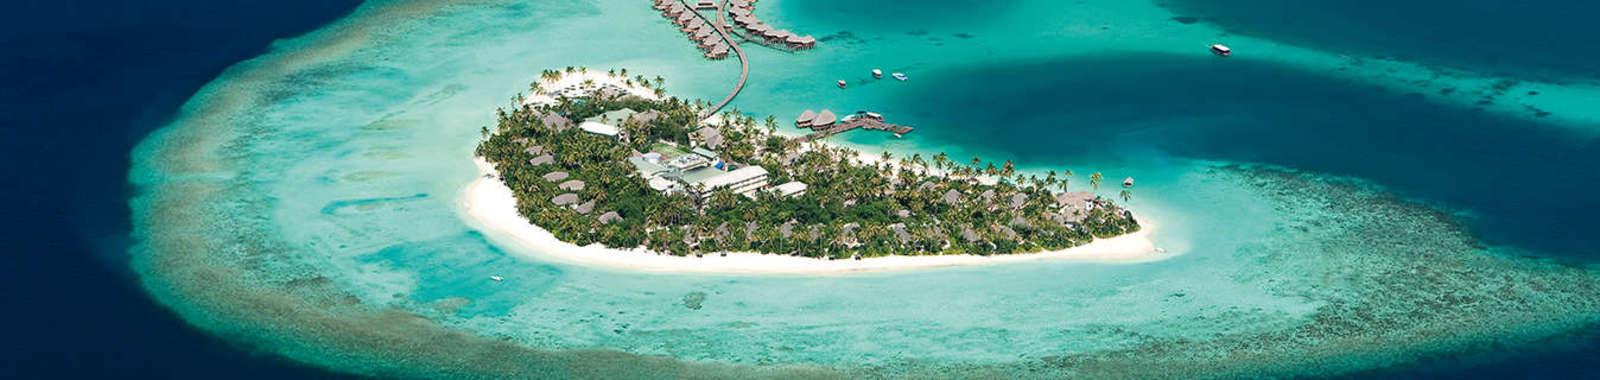 1ConstanceHalaveli,Maldives